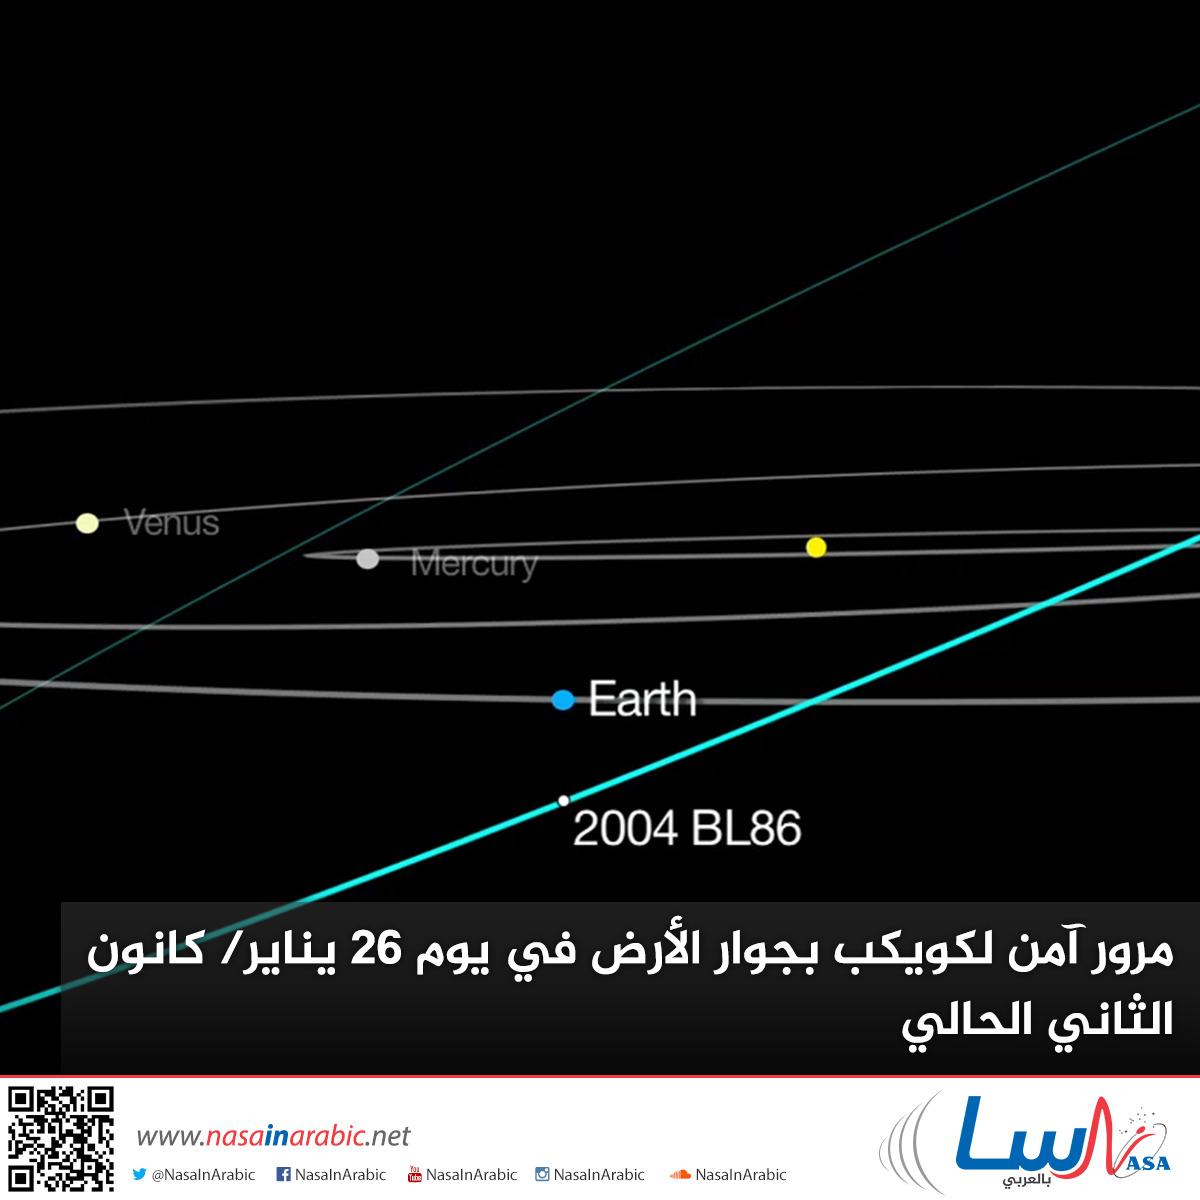 مرور آمن لكويكب بجوار الأرض في يوم 26 يناير/ كانون الثاني الحالي